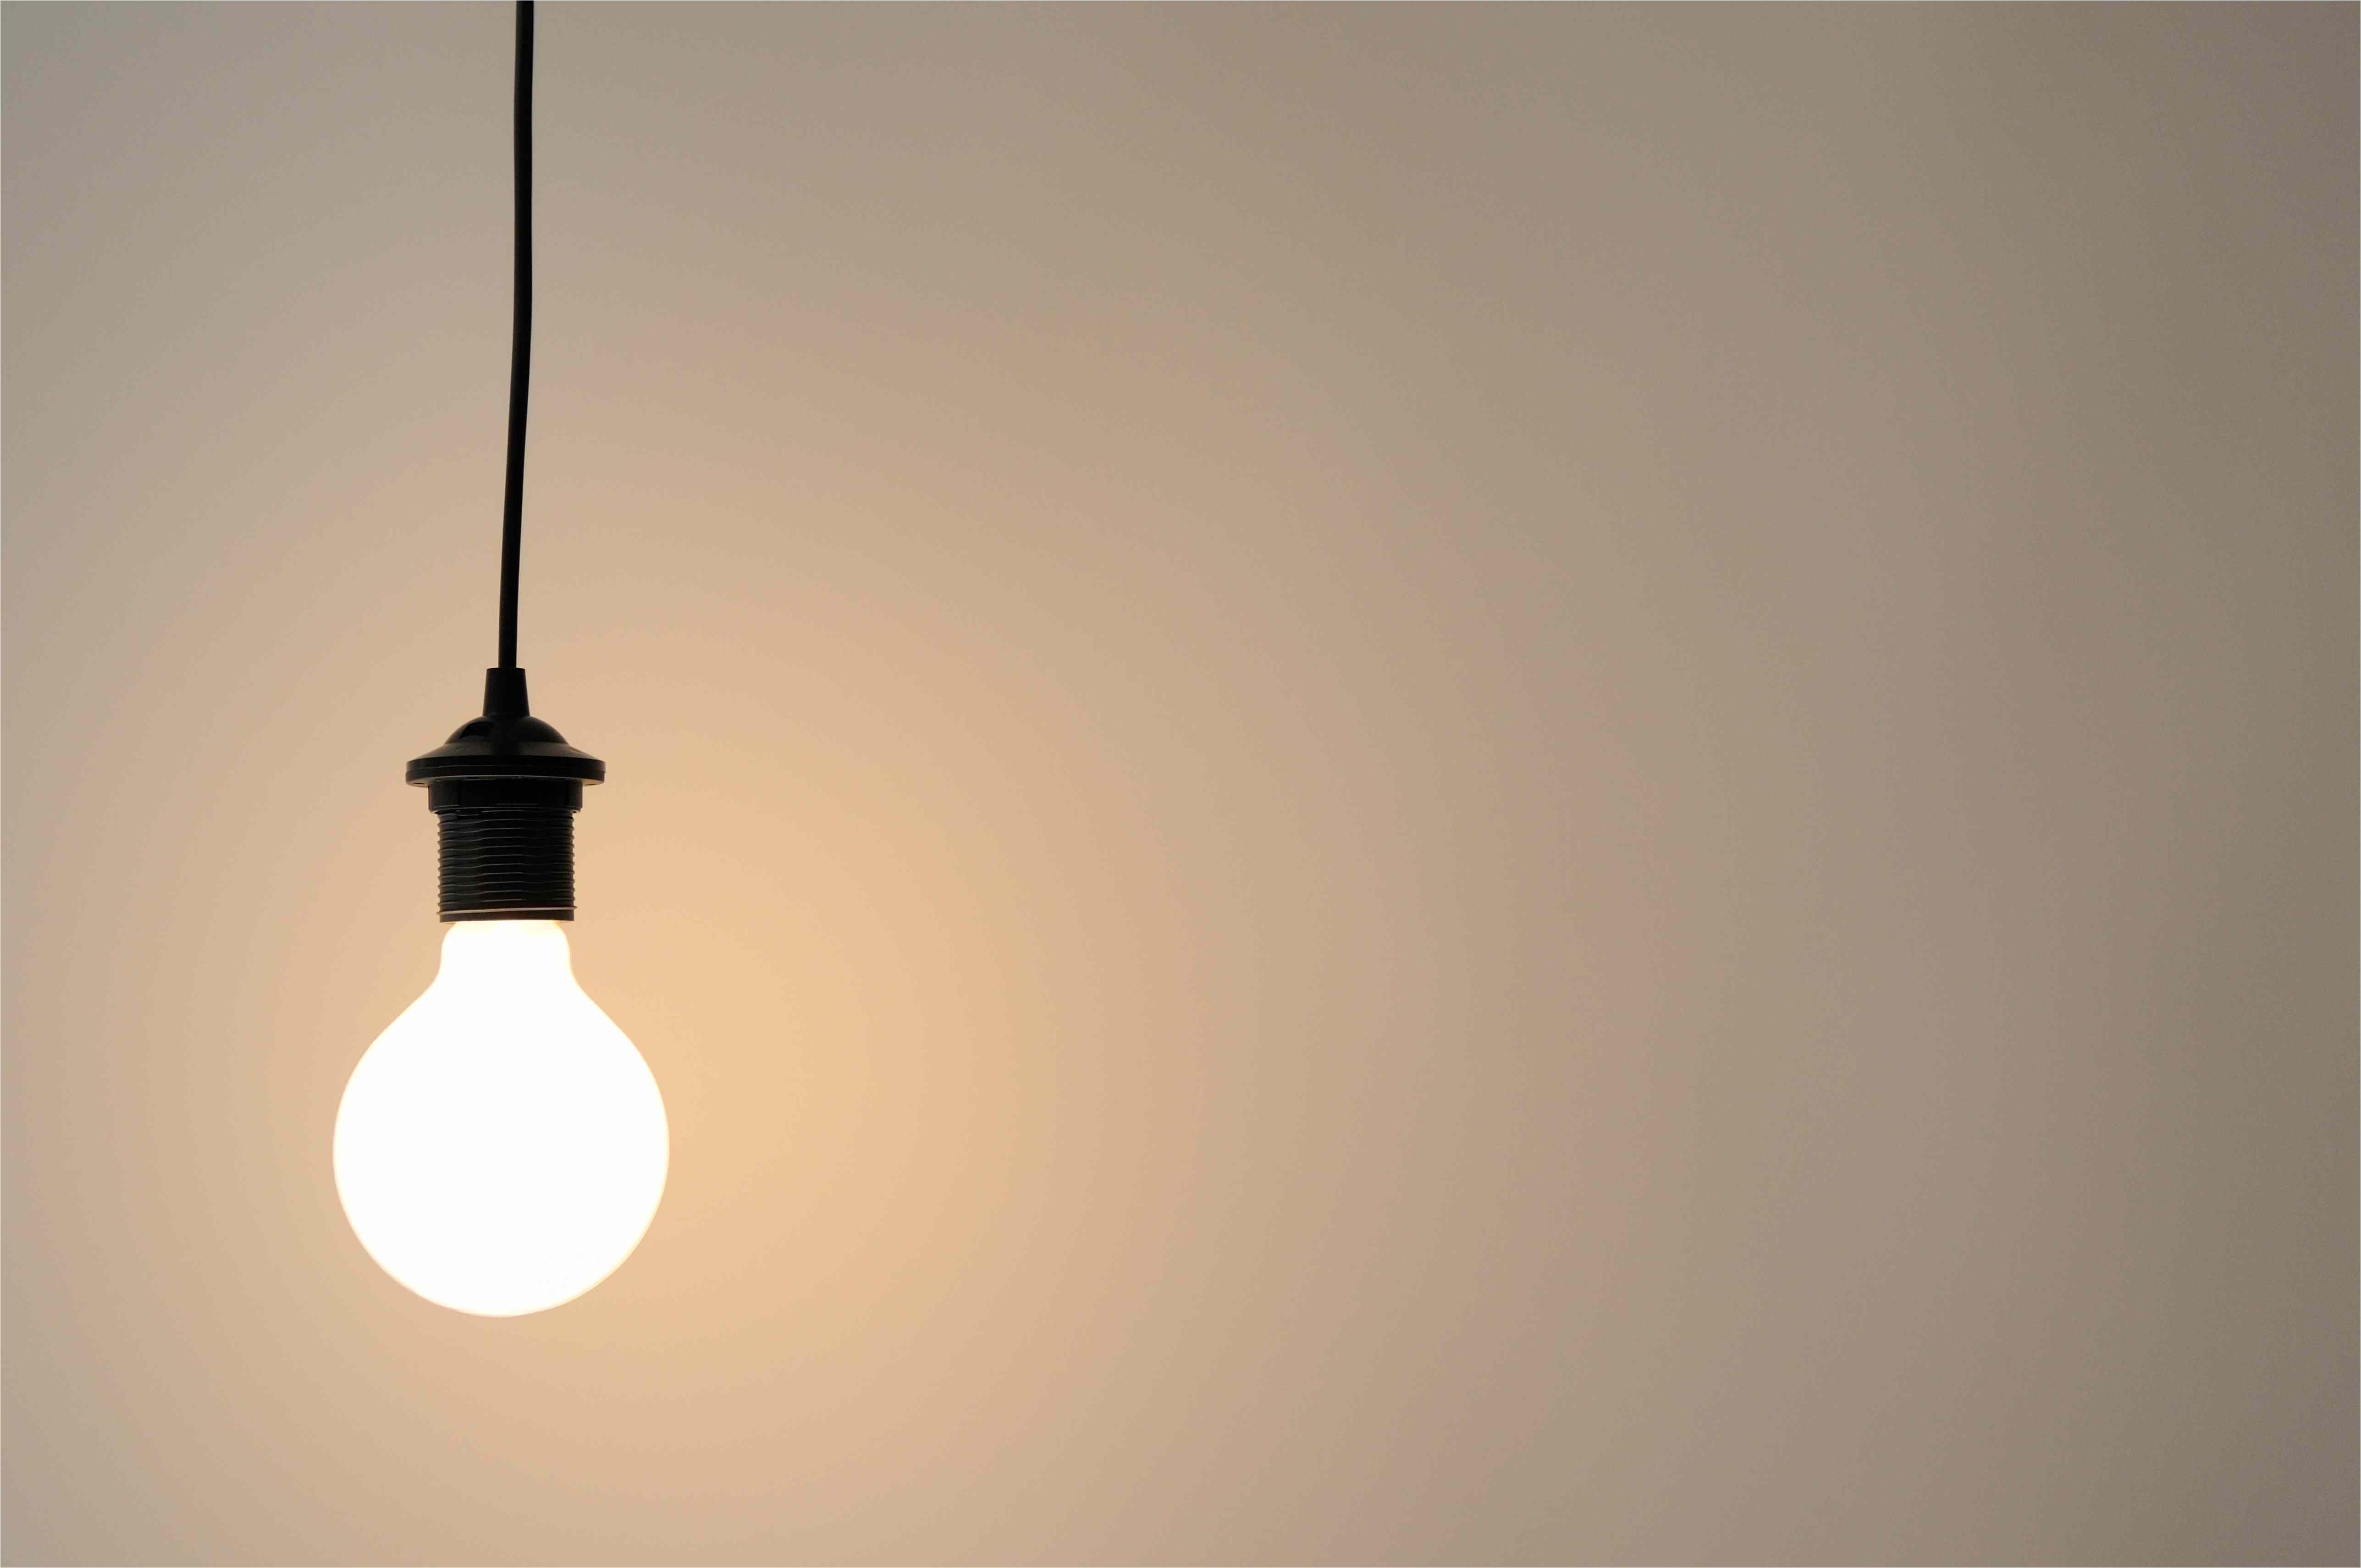 illuminated light bulb sb10067233e 002 58091cb43df78c2c732ec1e5